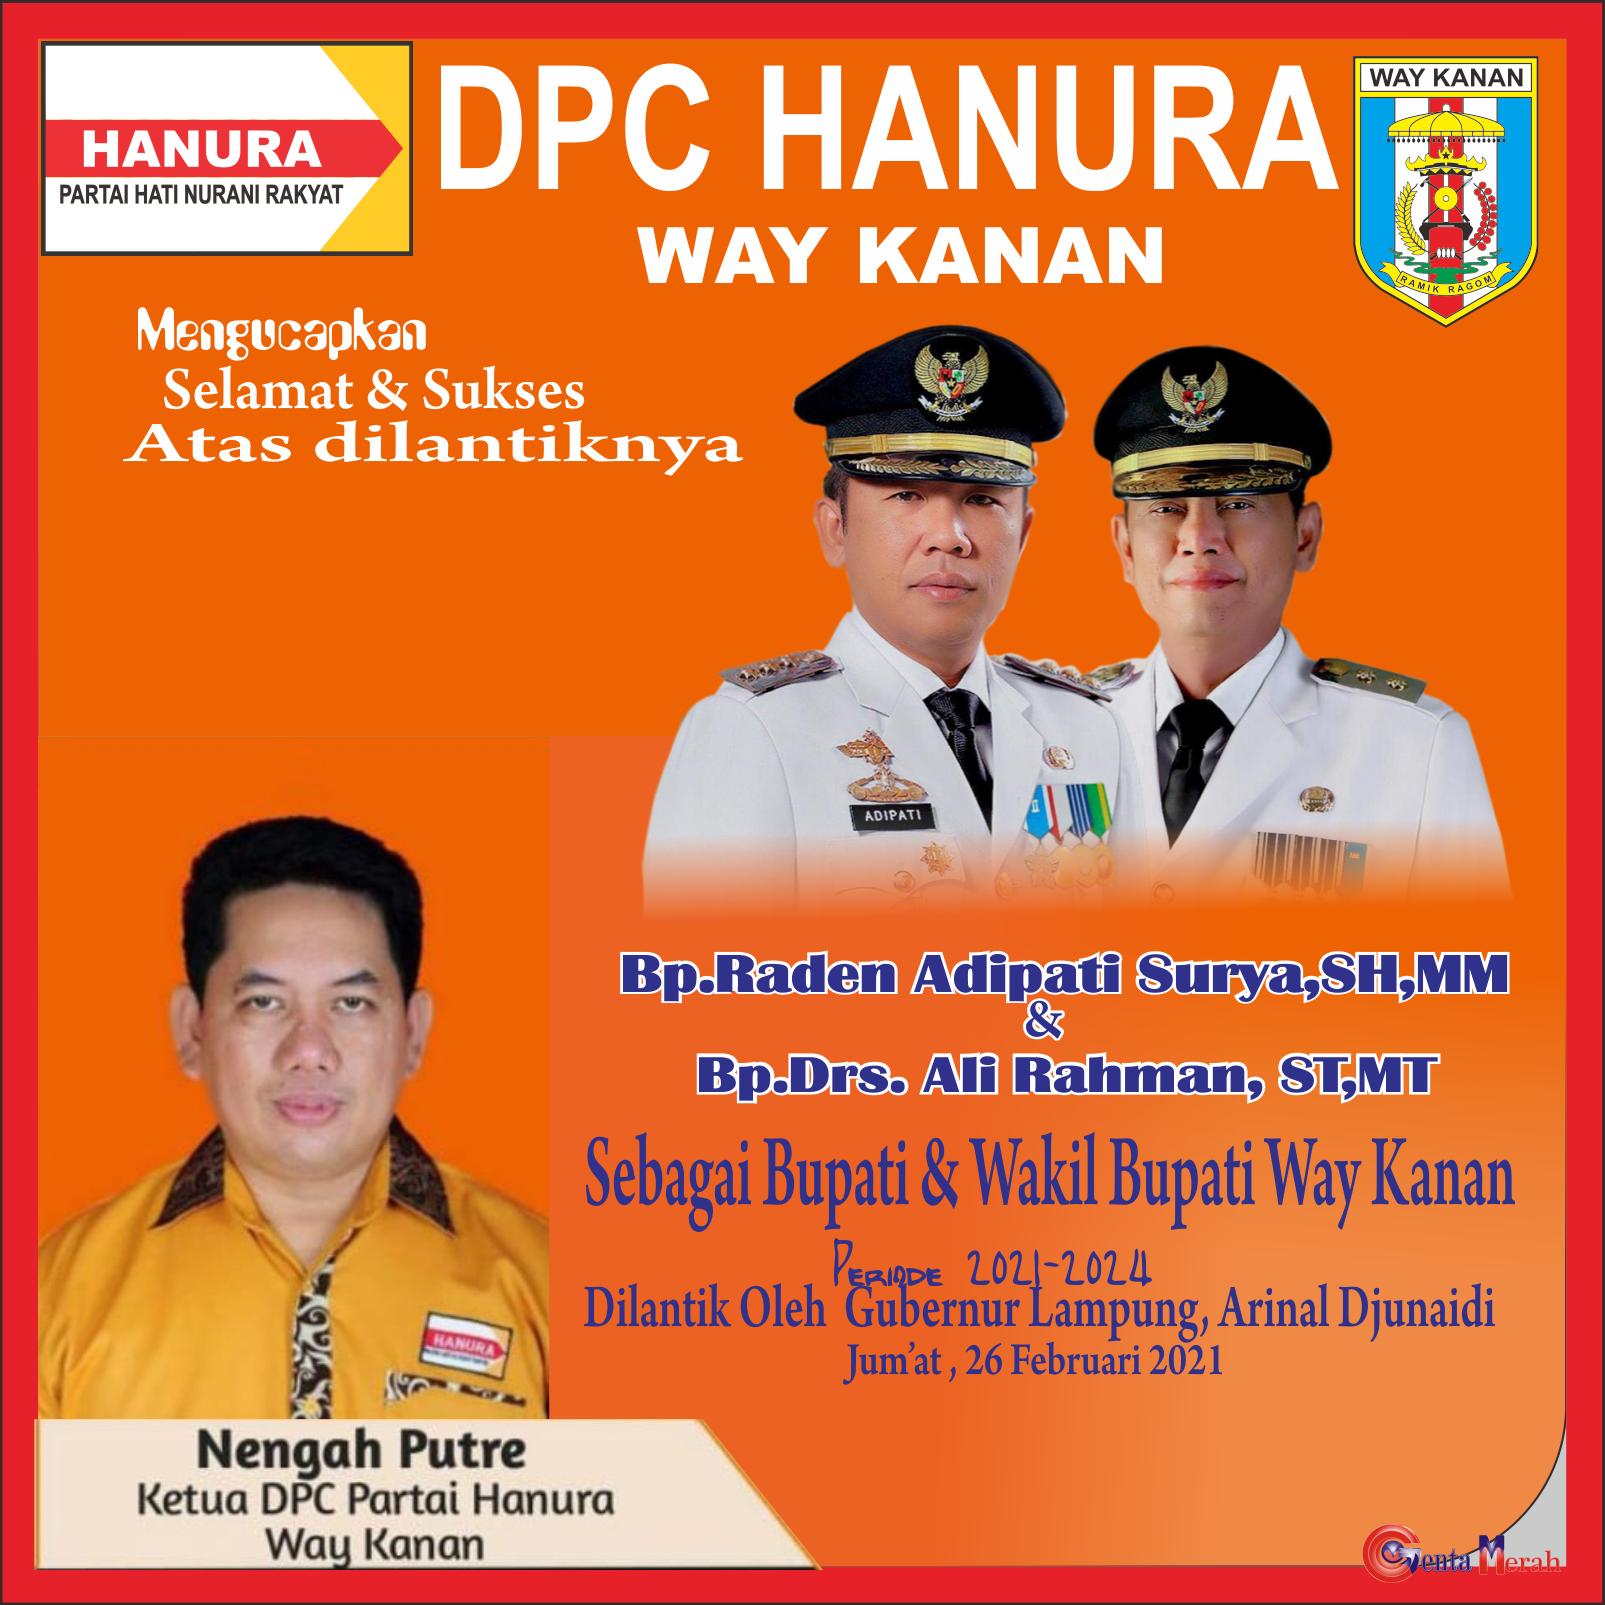 DPC Hanura Way Kanan